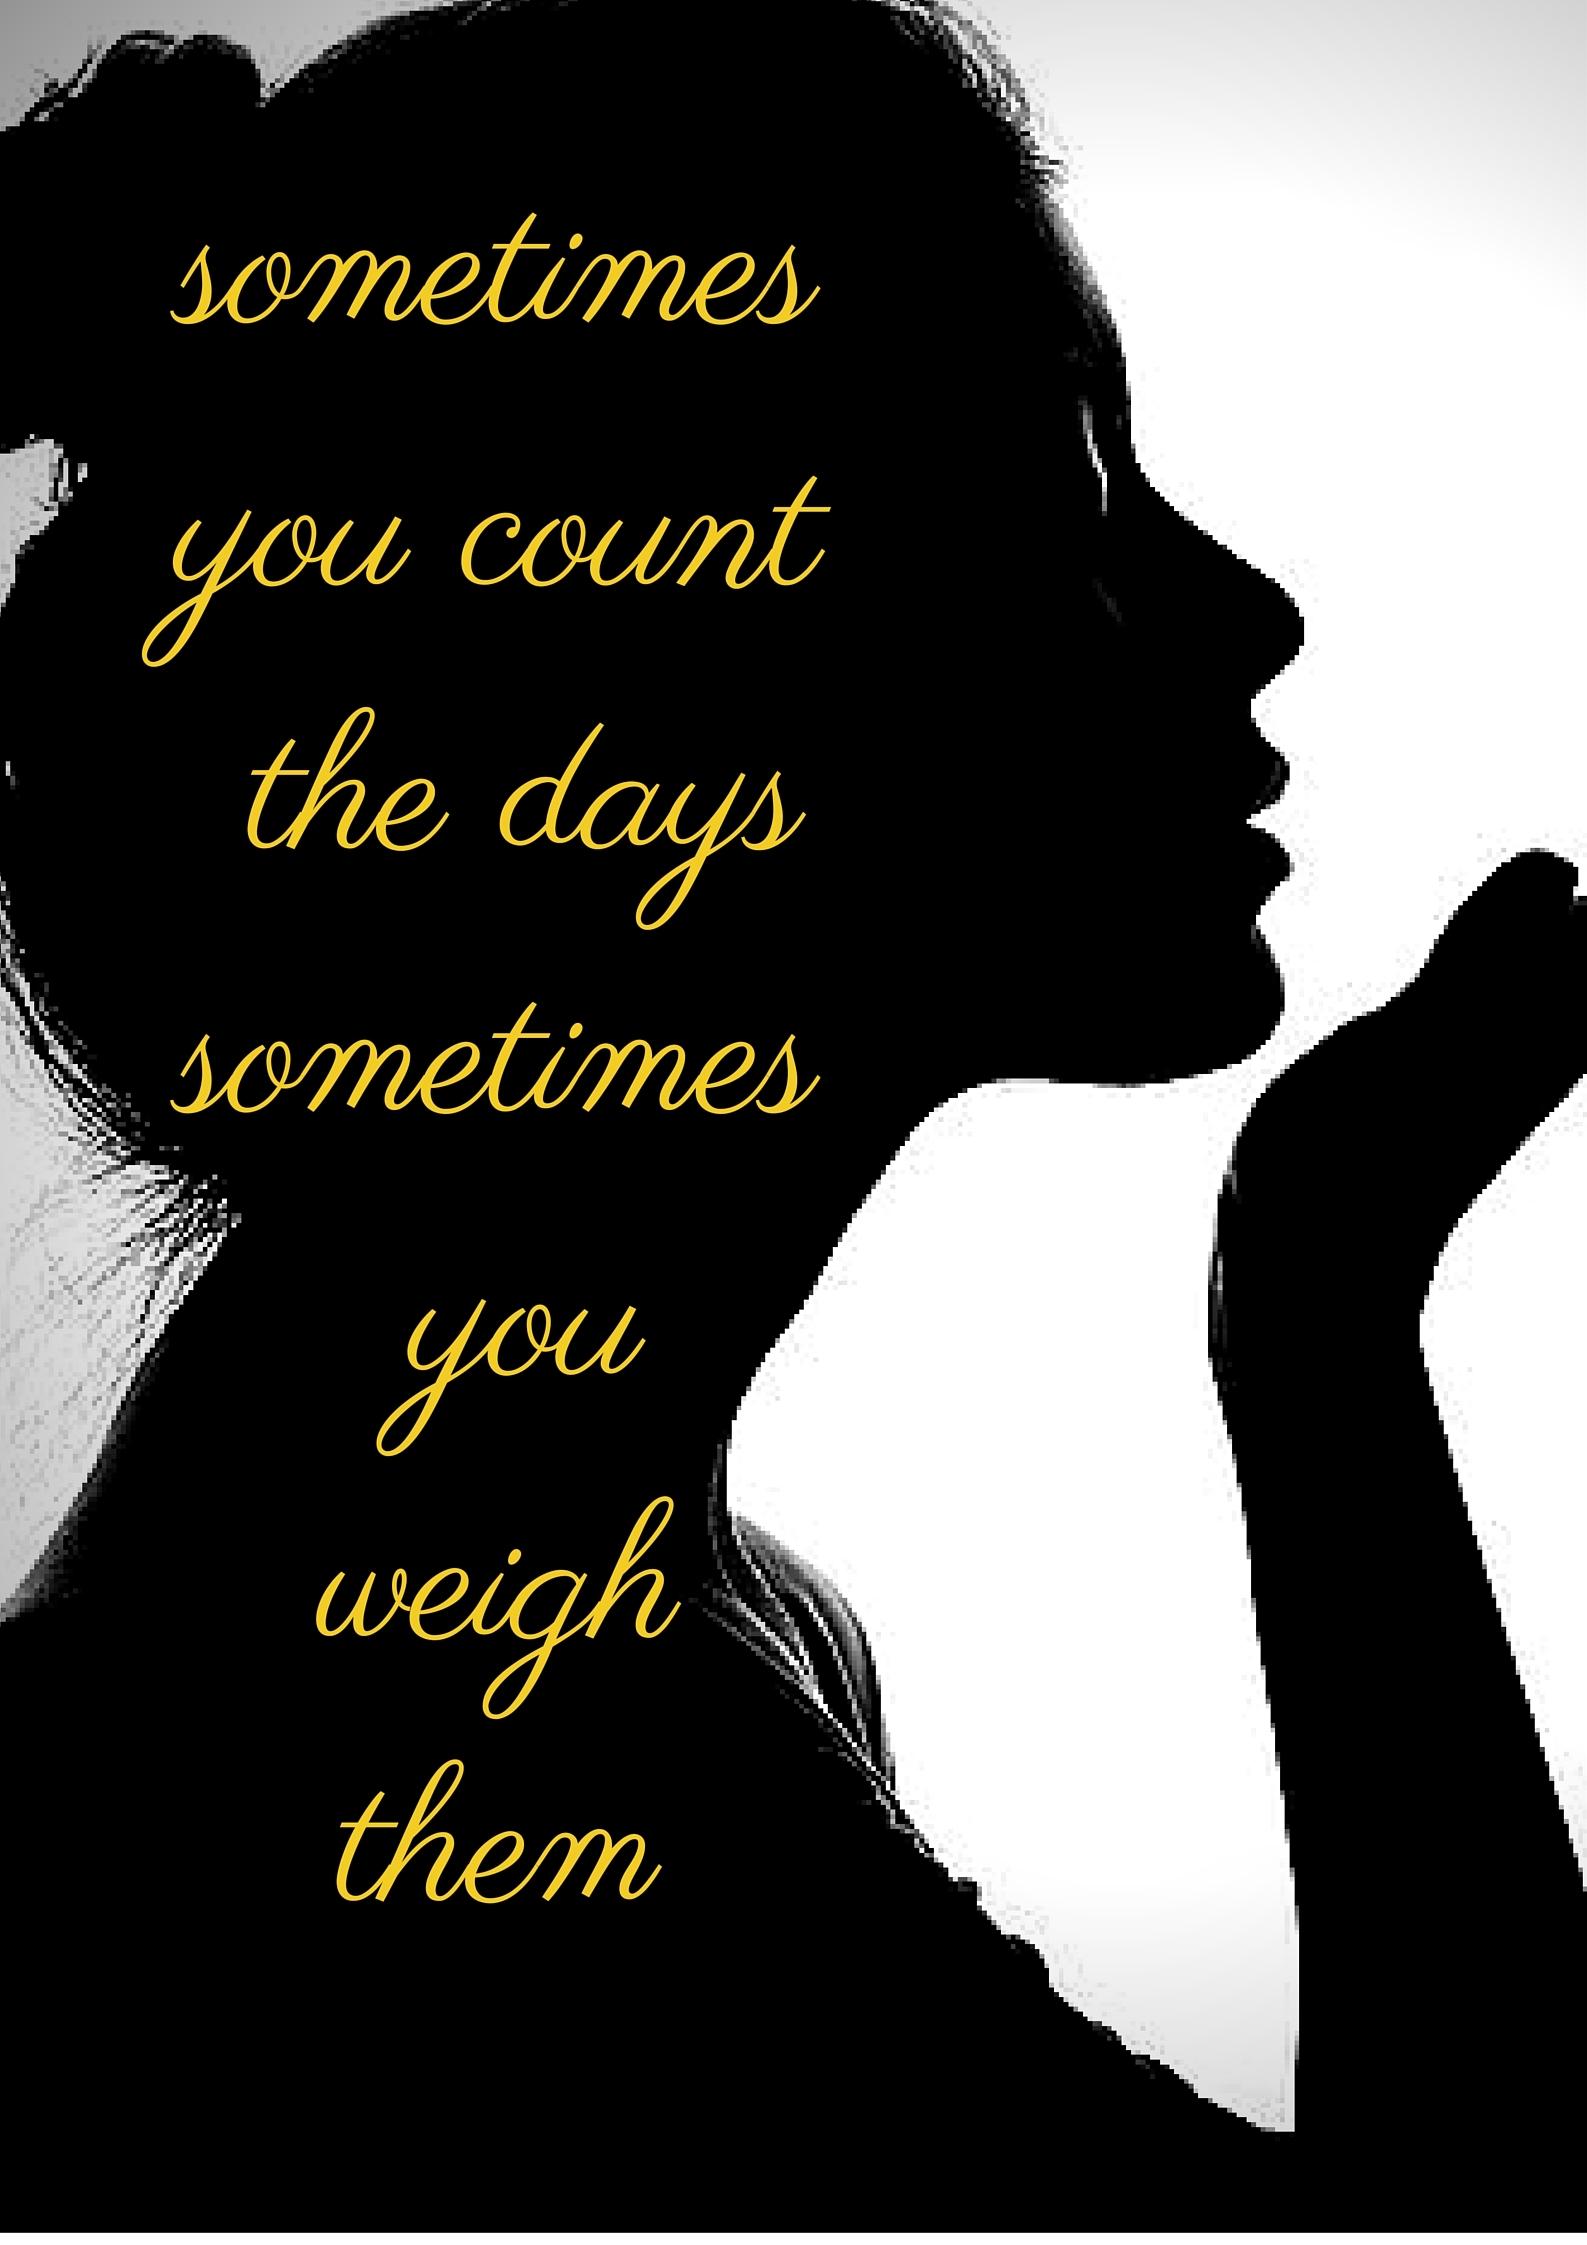 [:en][Das Wort zum Sonntag] Gib deinem Leben Gewicht[:de]Das Wort zum Sonntag — Gib deinem Leben Gewicht[:]